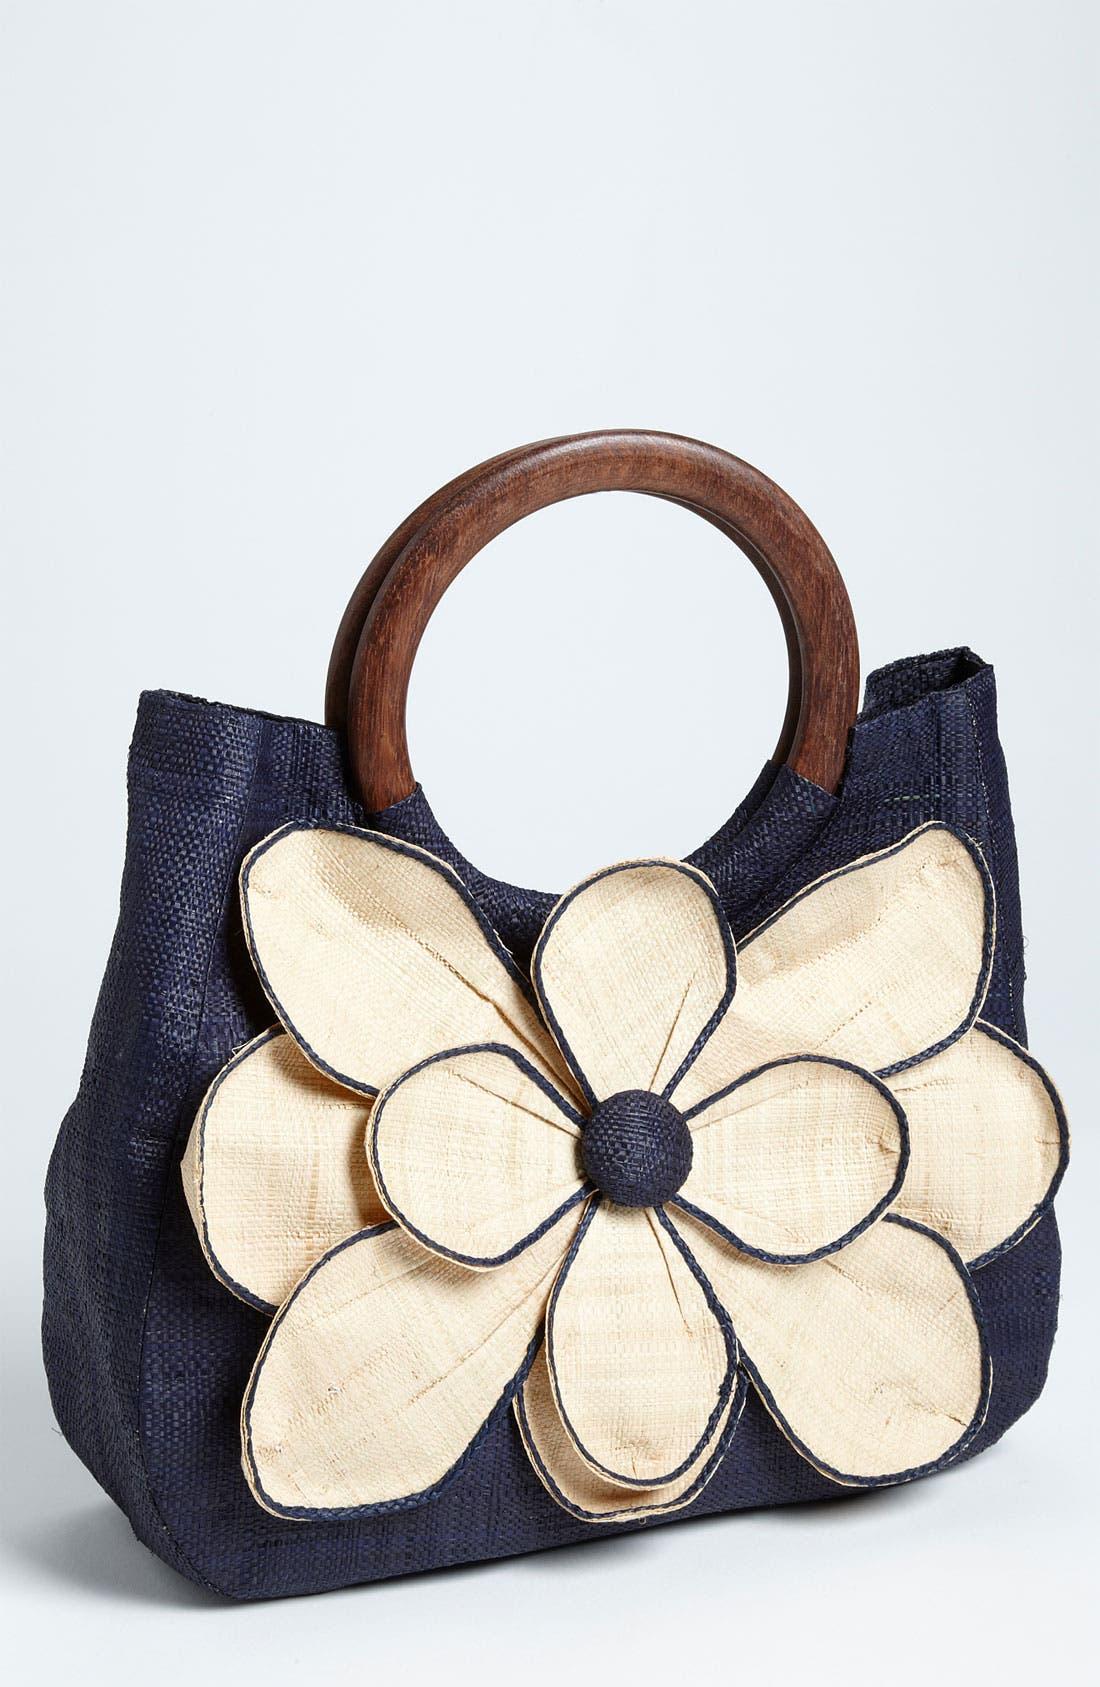 Main Image - Mar y Sol 'Guadalupe' Straw Shopper